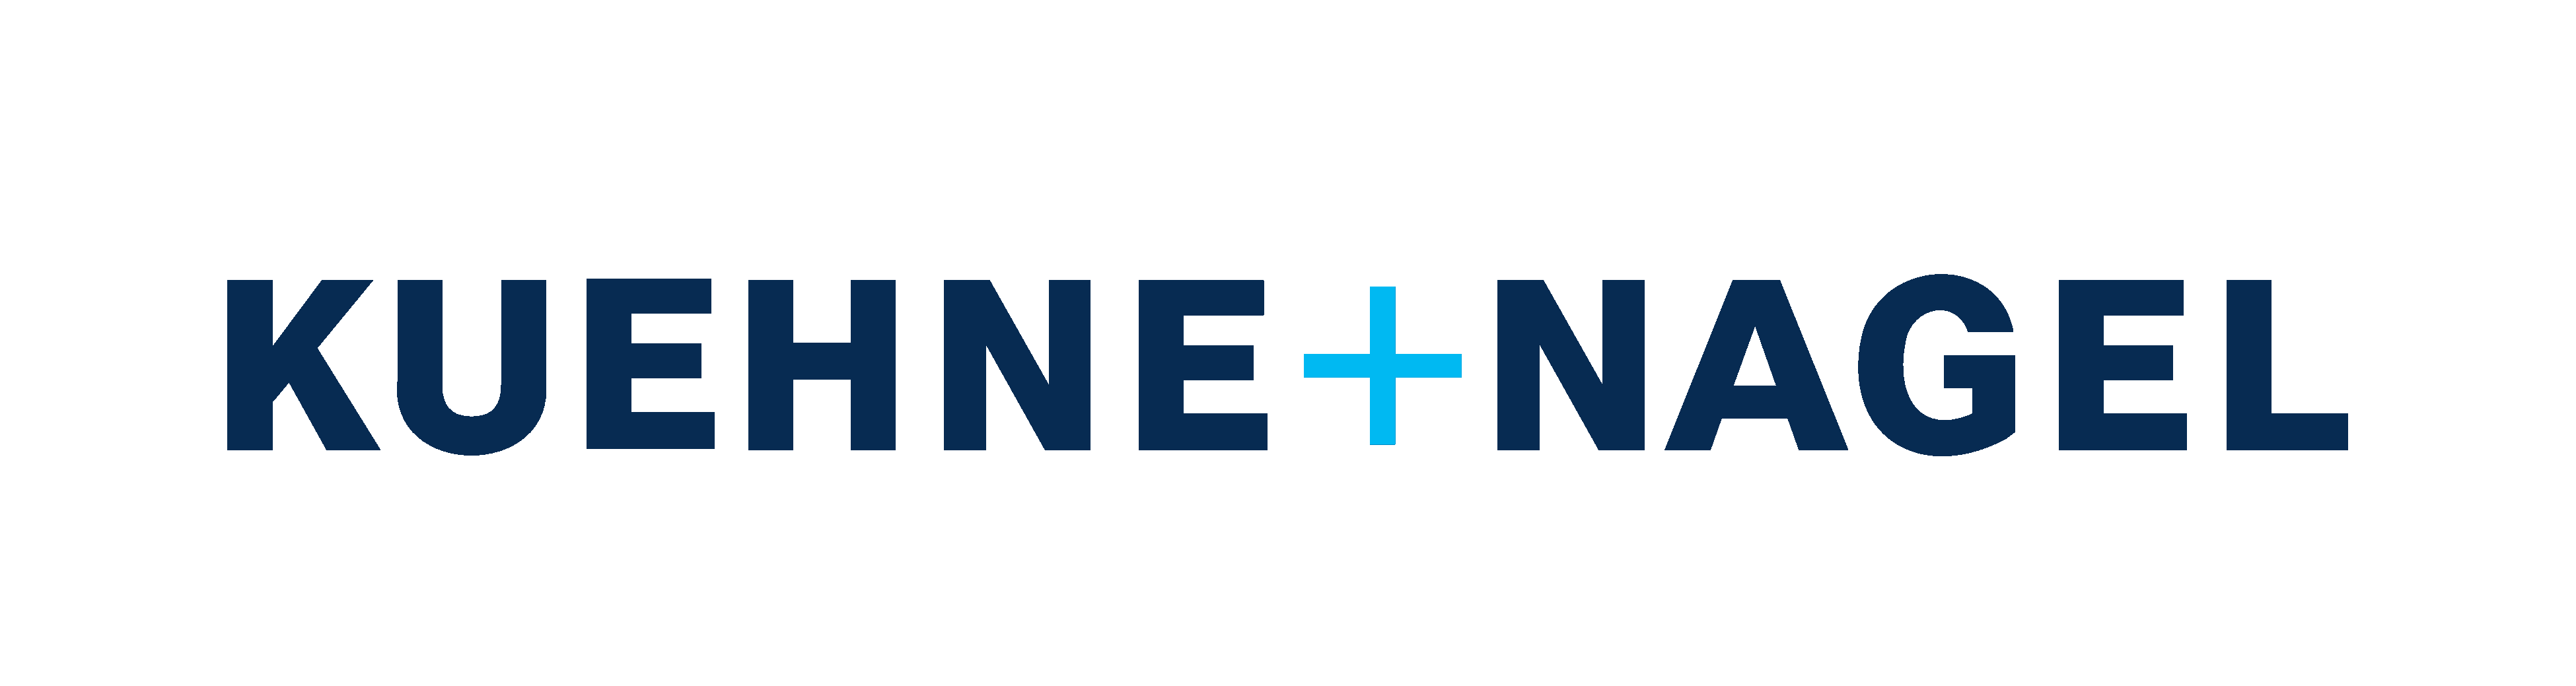 Kuehne Nagel Logos Download